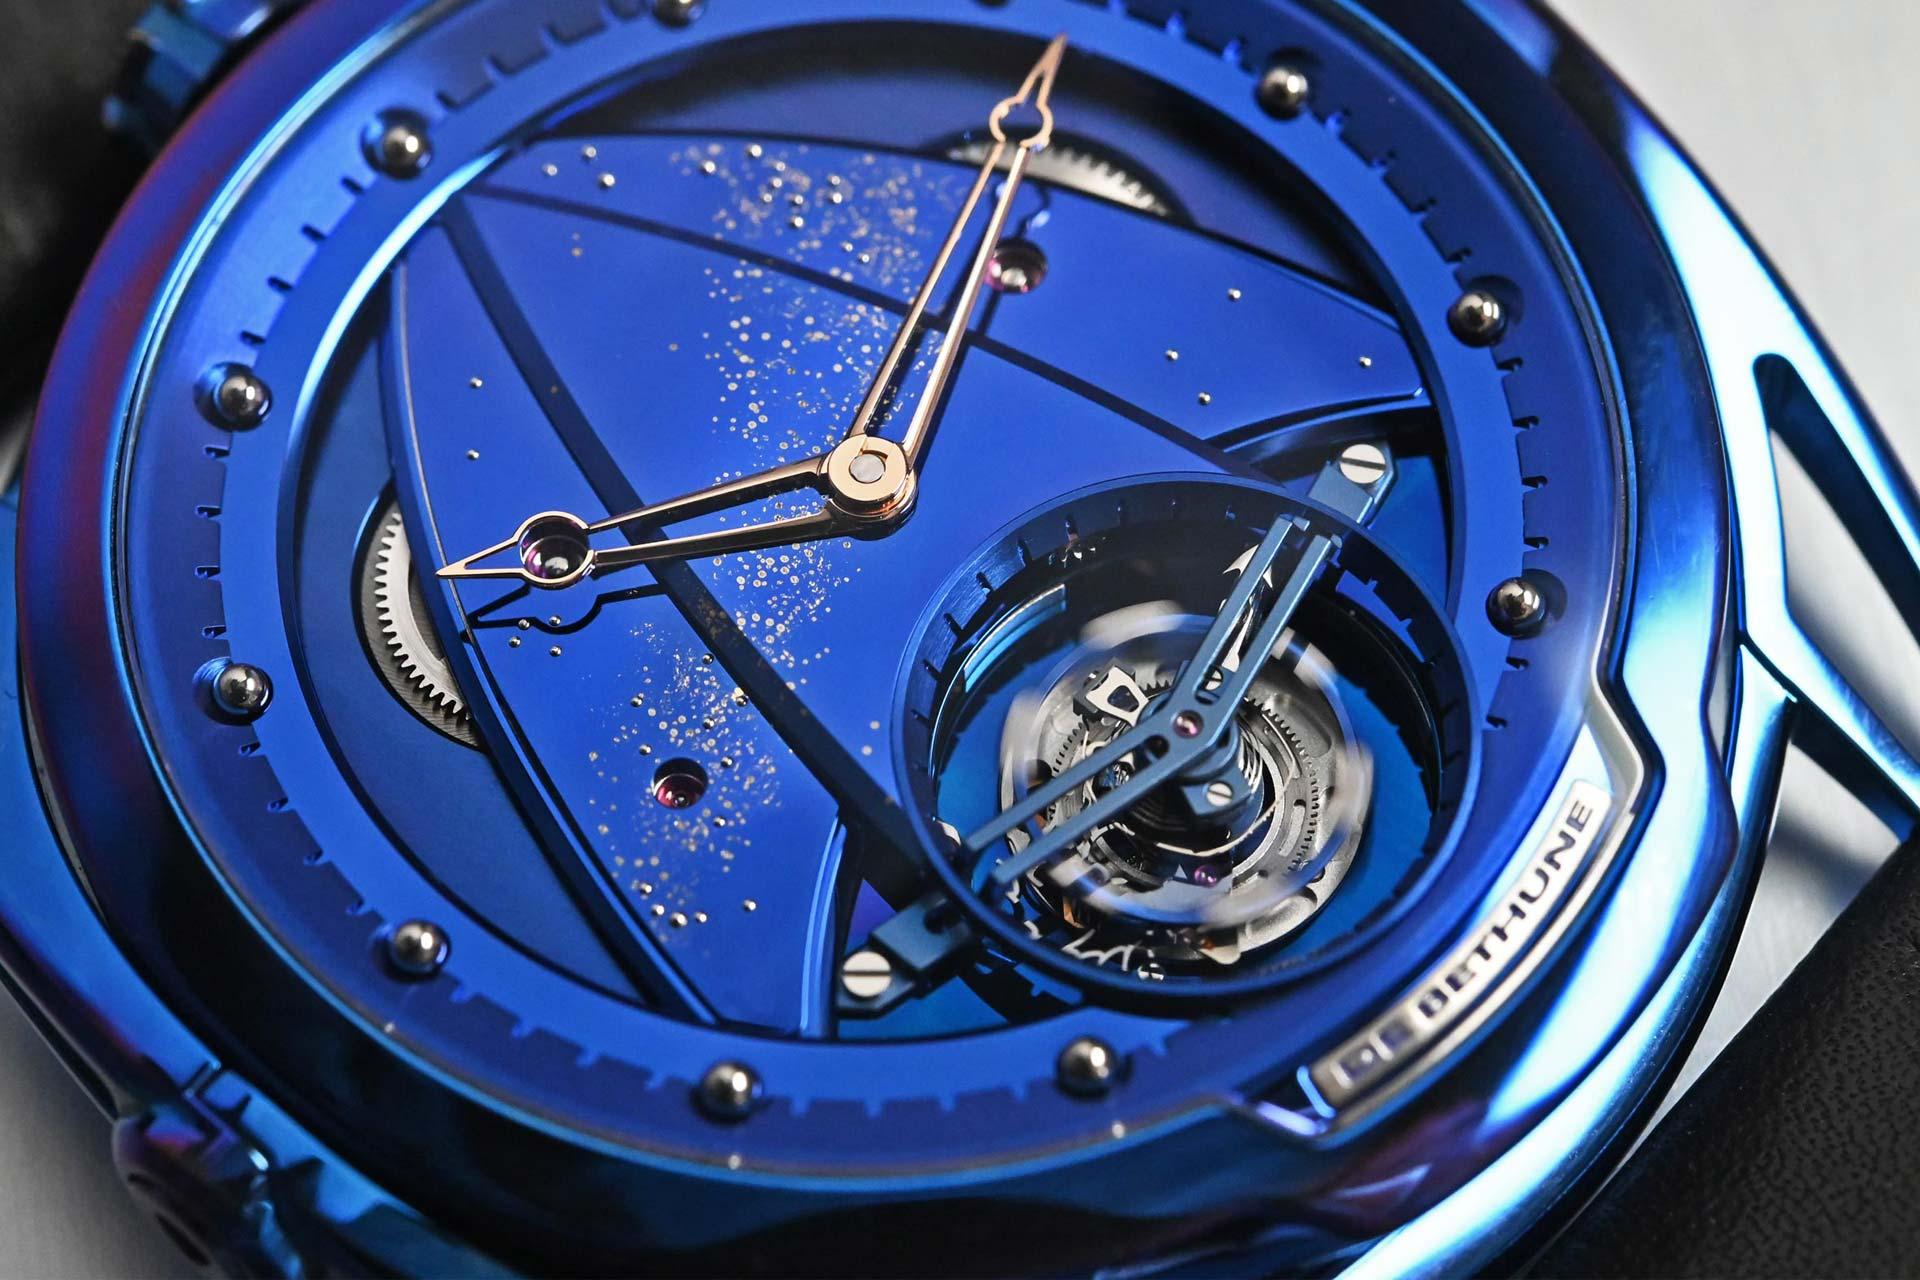 將鈦金屬幻化成夢幻藍:De Bethune X 金光Mix & Match 聯合錶展